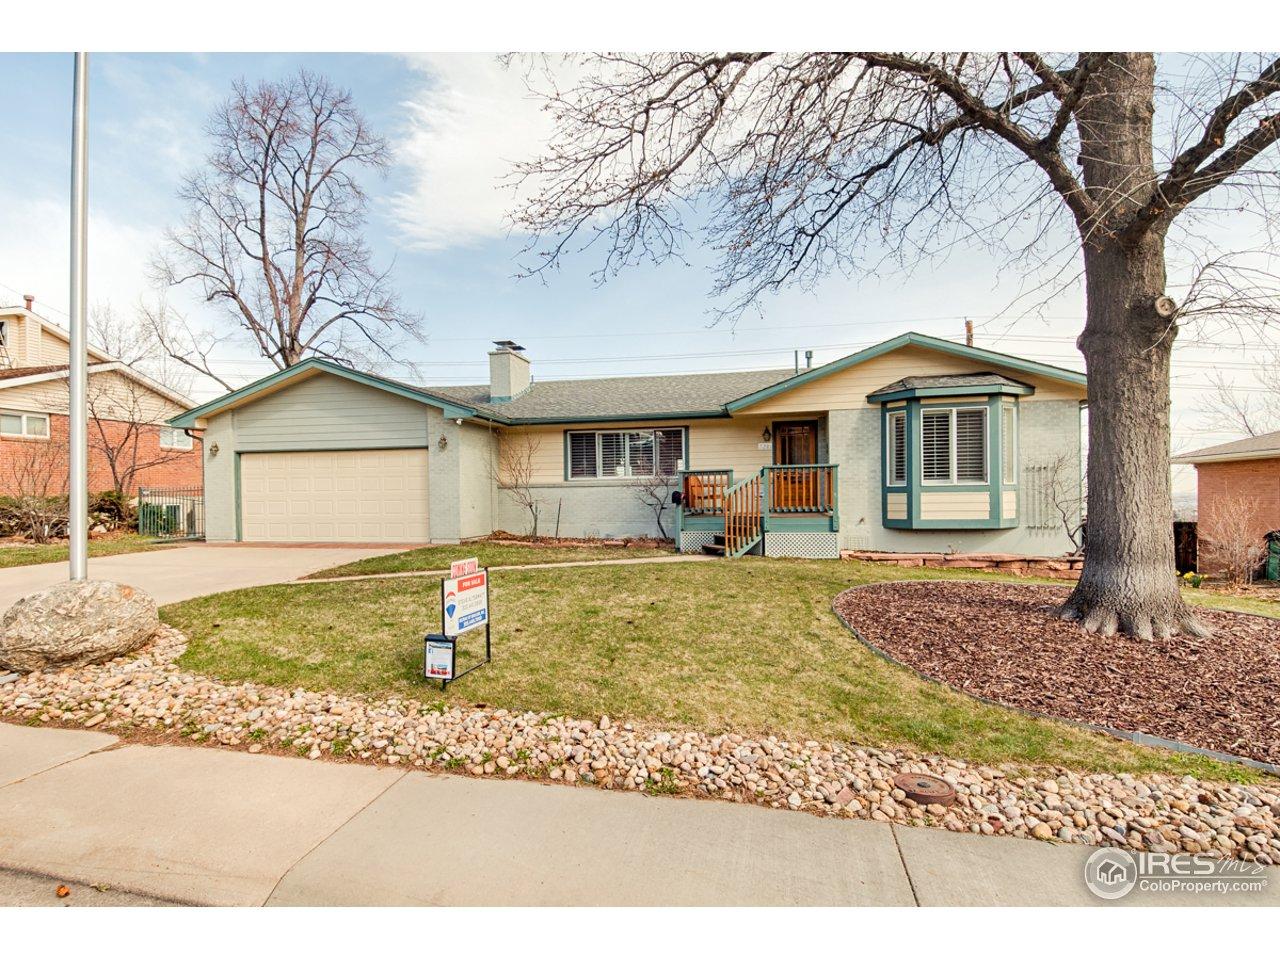 2295 Dartmouth Ave, Boulder CO 80305